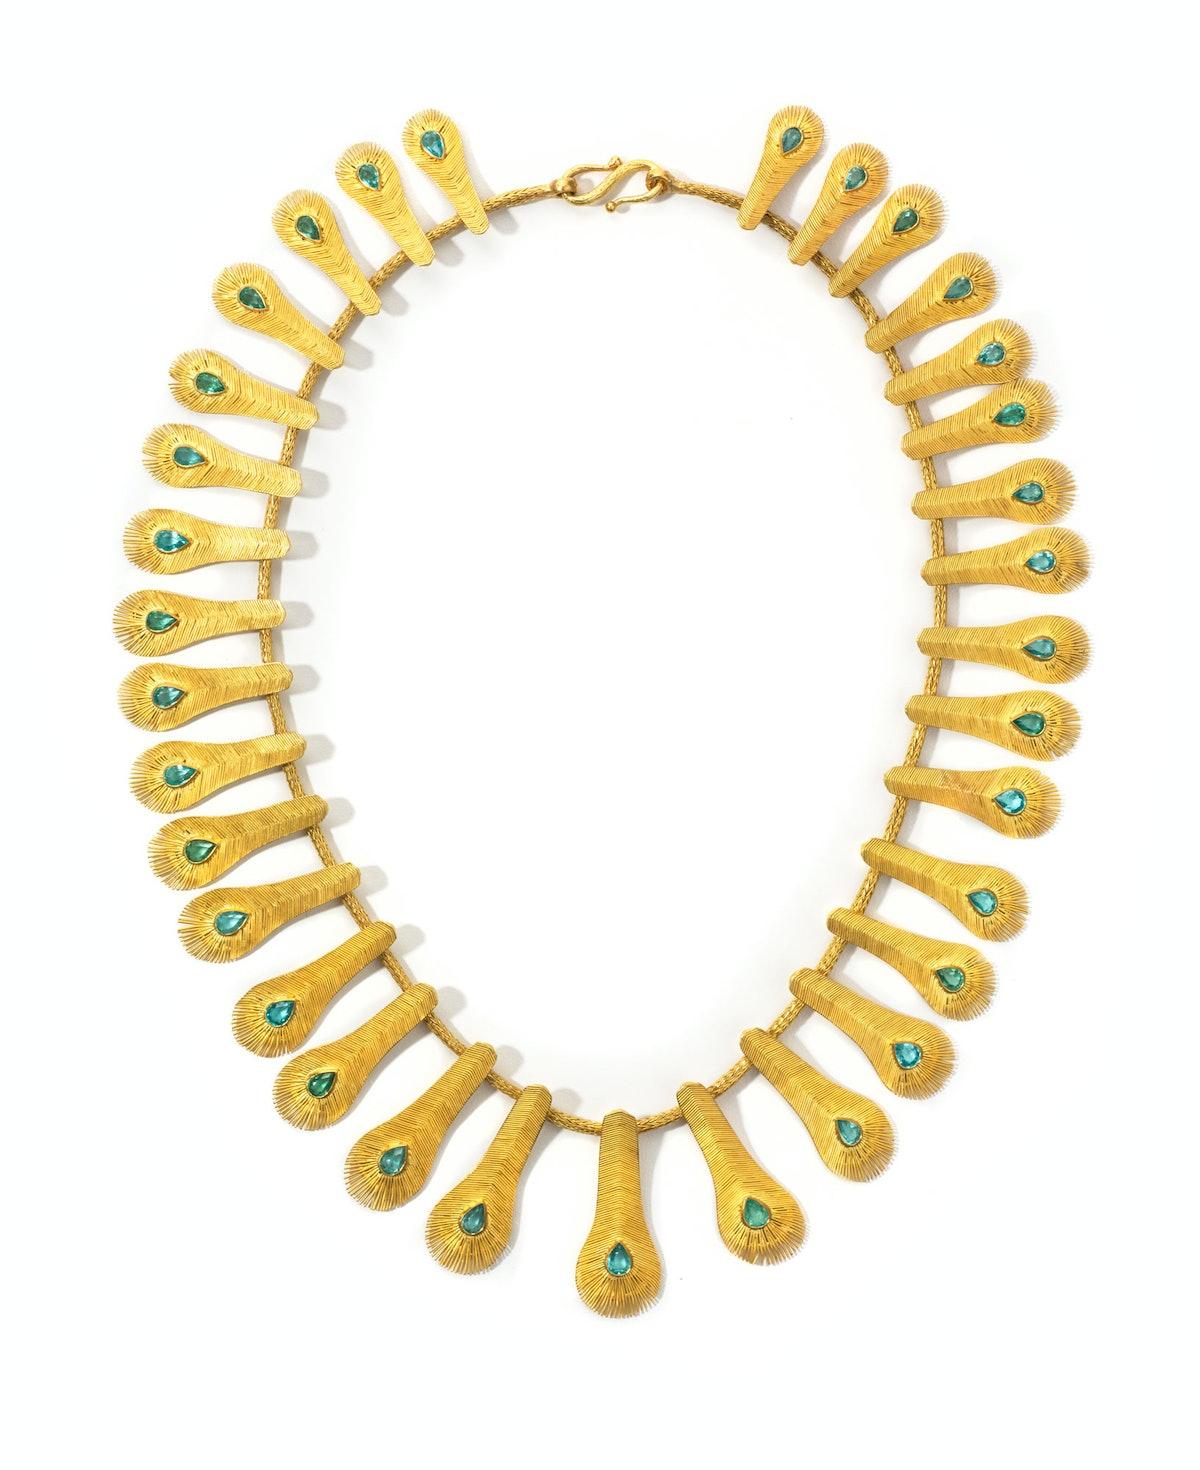 Marie-Hélène de Taillac gold and apatite necklace, $44,845, Marie-Hélène de Taillac, New York, 212.249.0371.